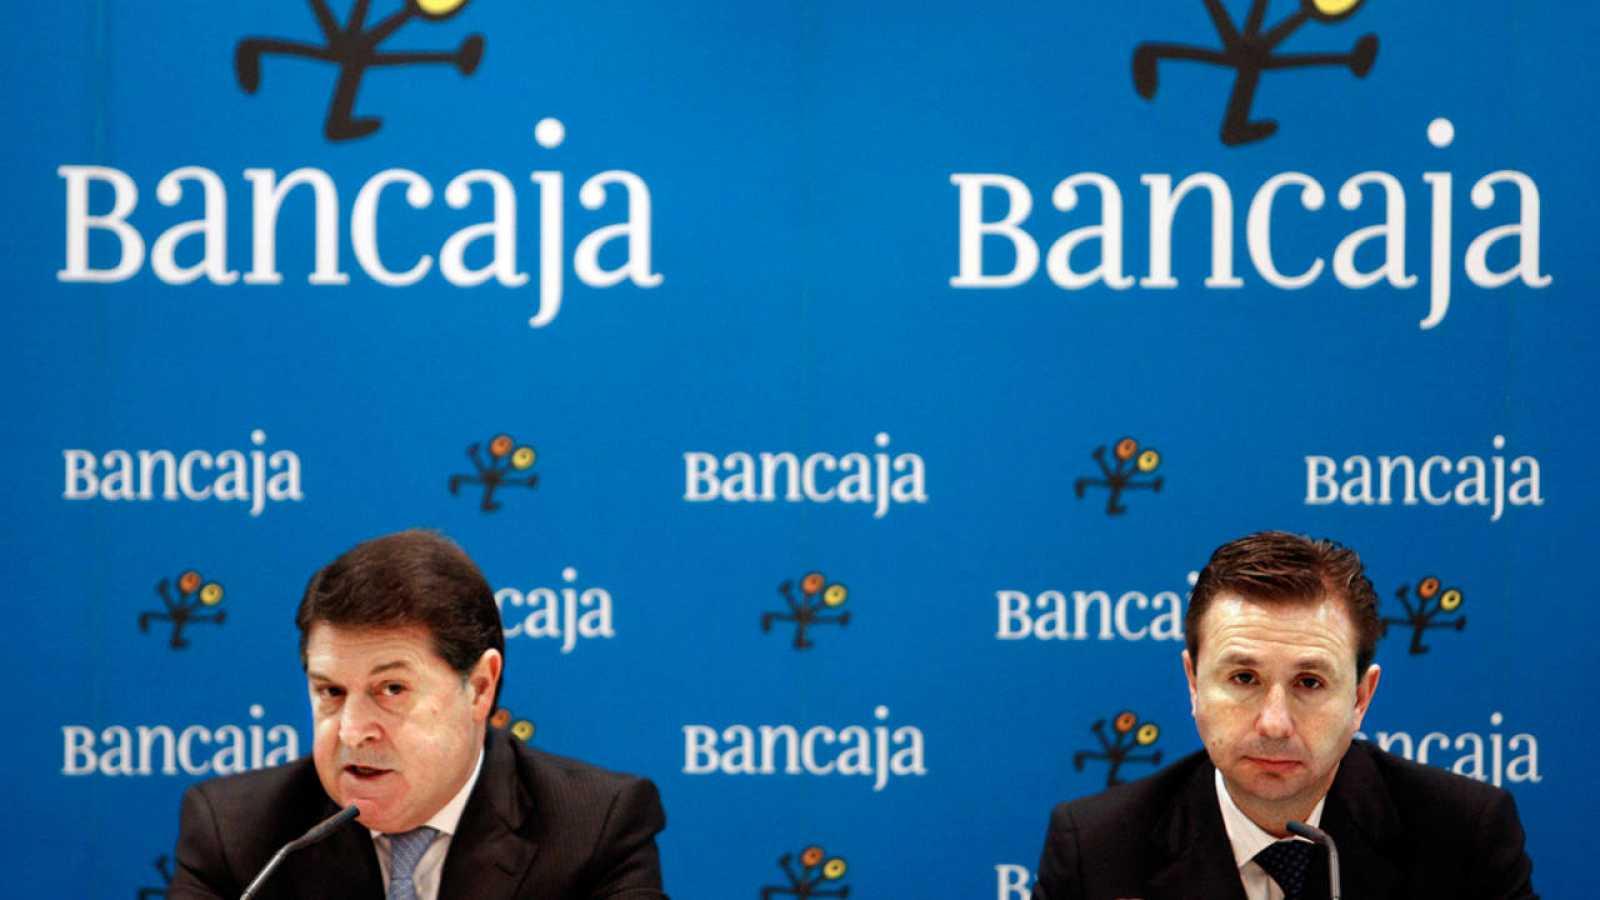 El presidente de Bancaja, Jose Luis Olivas, y el director general, Aurelio Izquierdo, en una imagen de archivo